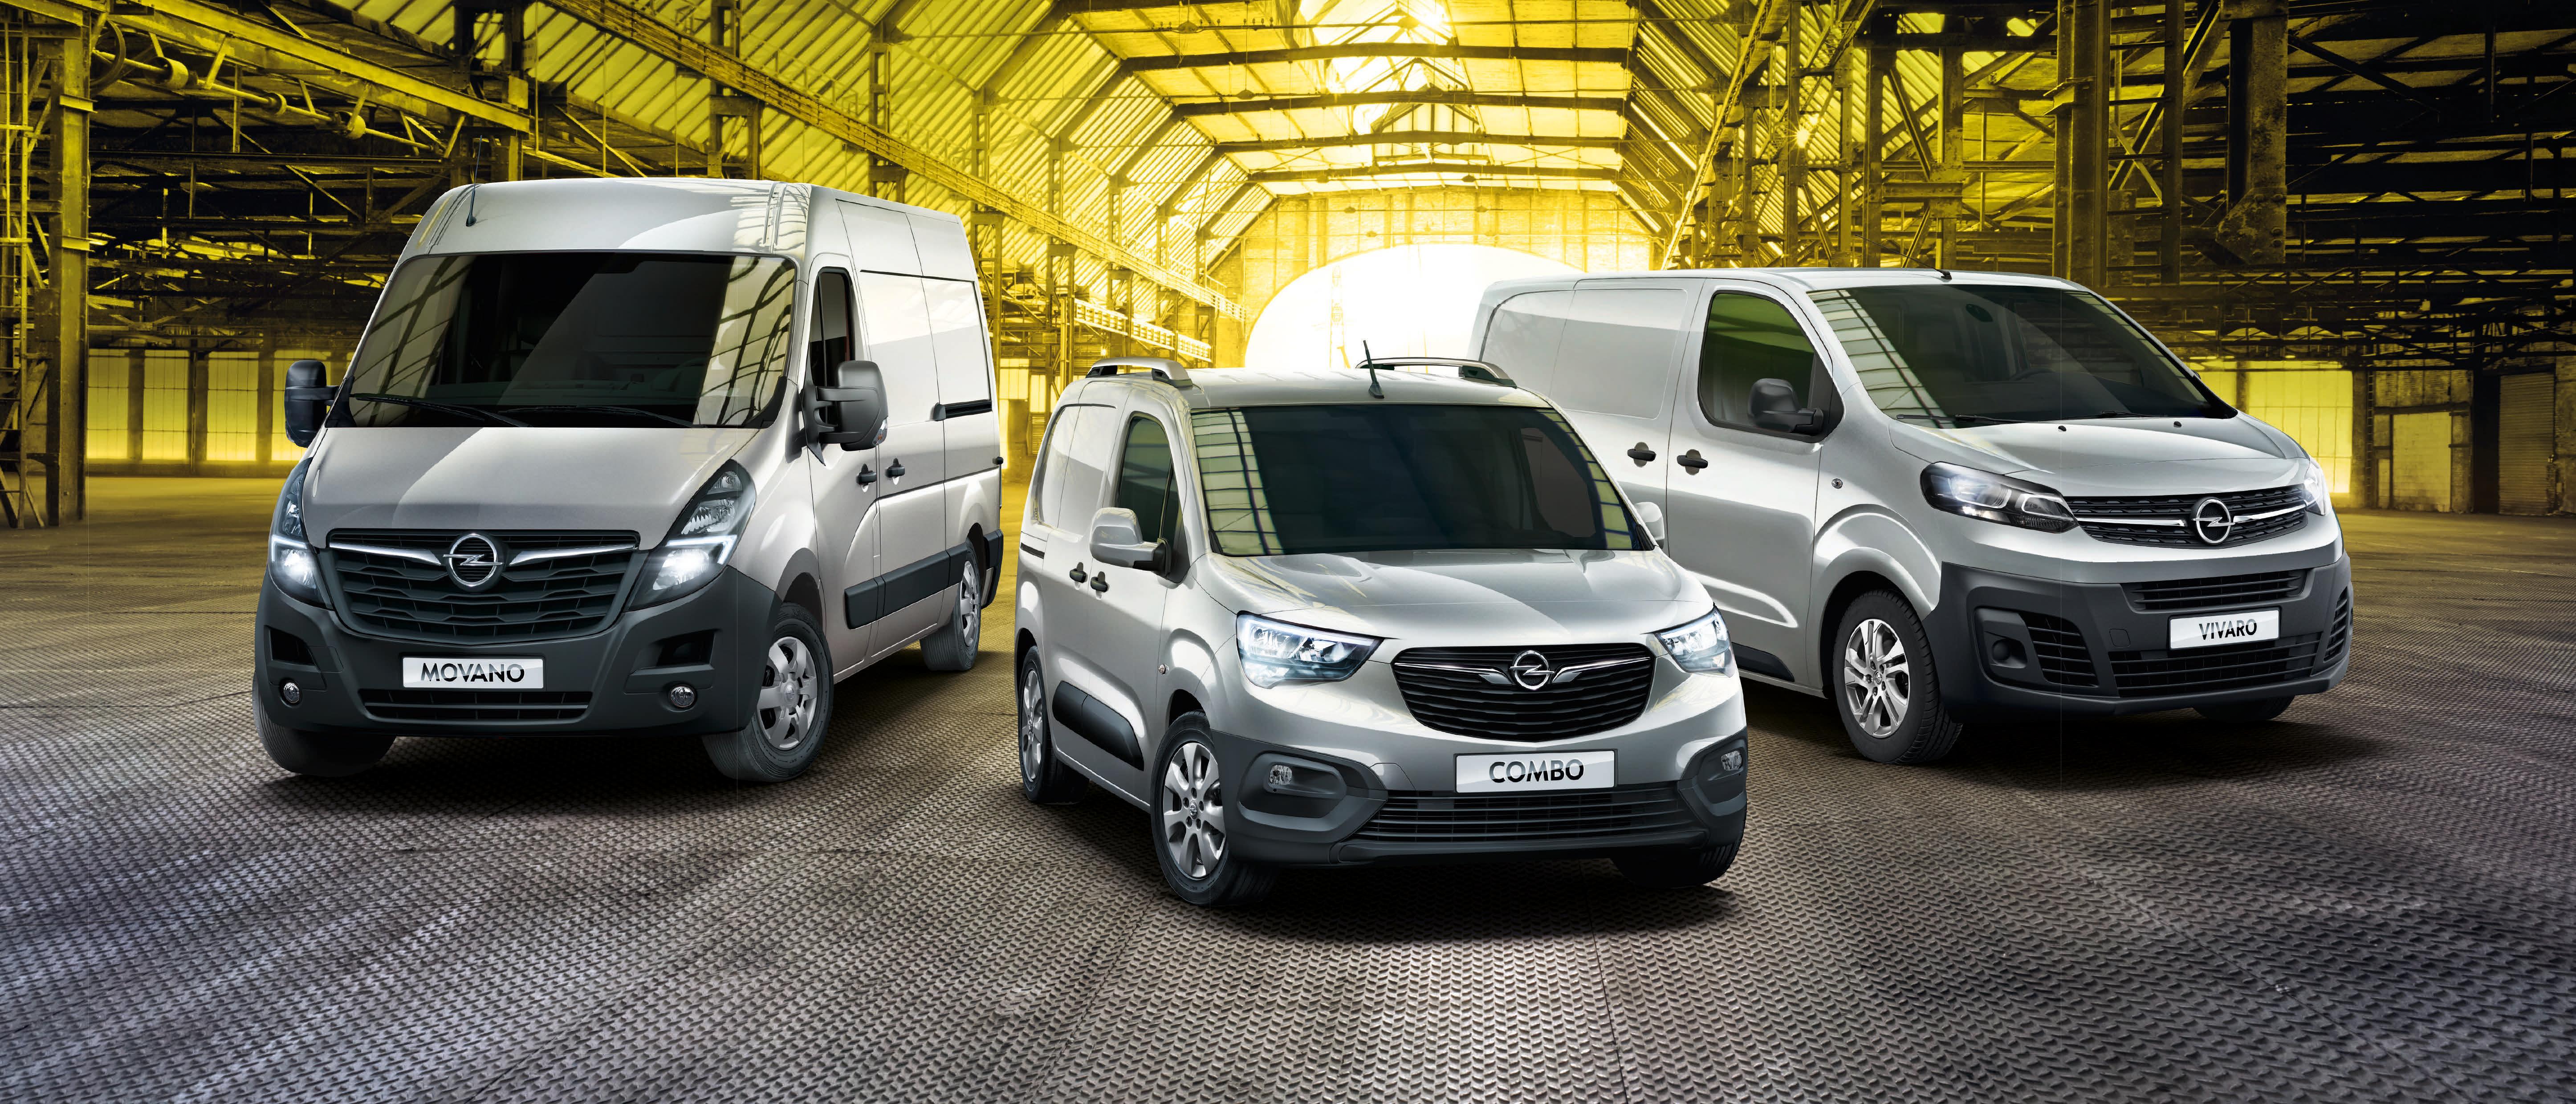 """Beim Opel-Autohaus """"Josef Zimmermann GmbH & Co.KG"""" in Sigmaringen finden Sie nicht nur eine große Auswahl an PKW, sondern auch das richtige Nutzfahrzeug, ganz auf Ihre individuellen Bedürfnisse zugeschnitten. Ob zur Personenbeförderung, zum Warentransport, als Kurierfahrzeug, als mobile Werkstatt mit individueller Einrichtung oder als Kühltransporter – dank vielfältiger Angebote für Um- und Aufbauten ab Werk sowie durch Opel zertifizierte Partner bieten wir für jede Aufgabe das passende Fahrzeug. Jetzt Combo (Mitte), Vivaro (rechts) und den extragroßen Movano (links) beim Autohaus Zimmermann Probe fahren! FOTO: OPEL"""